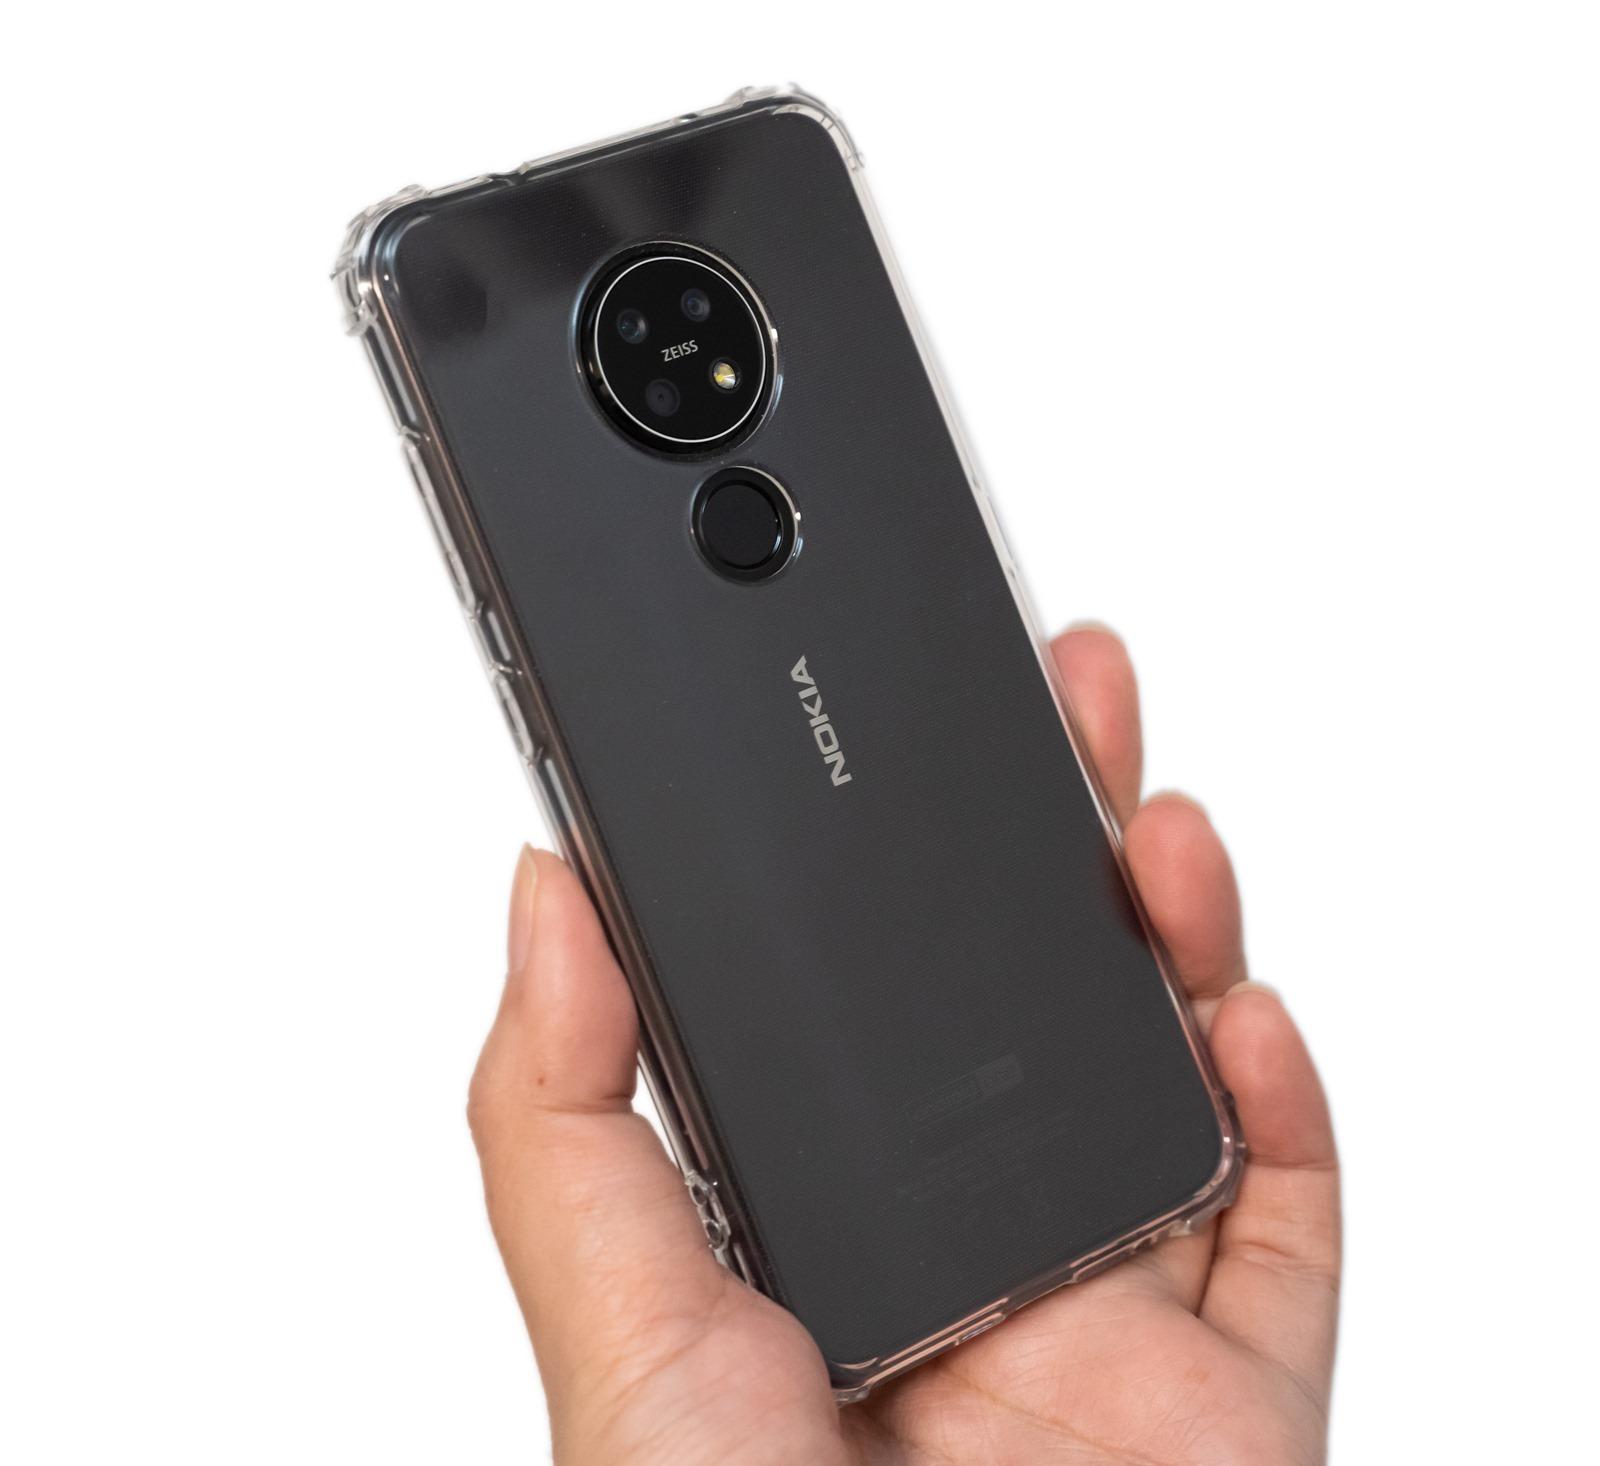 北歐美學加上 4,800 畫素三鏡頭搭配 ZEISS 光學!Nokia7.2 引領中階手機相機新風潮 @3C 達人廖阿輝